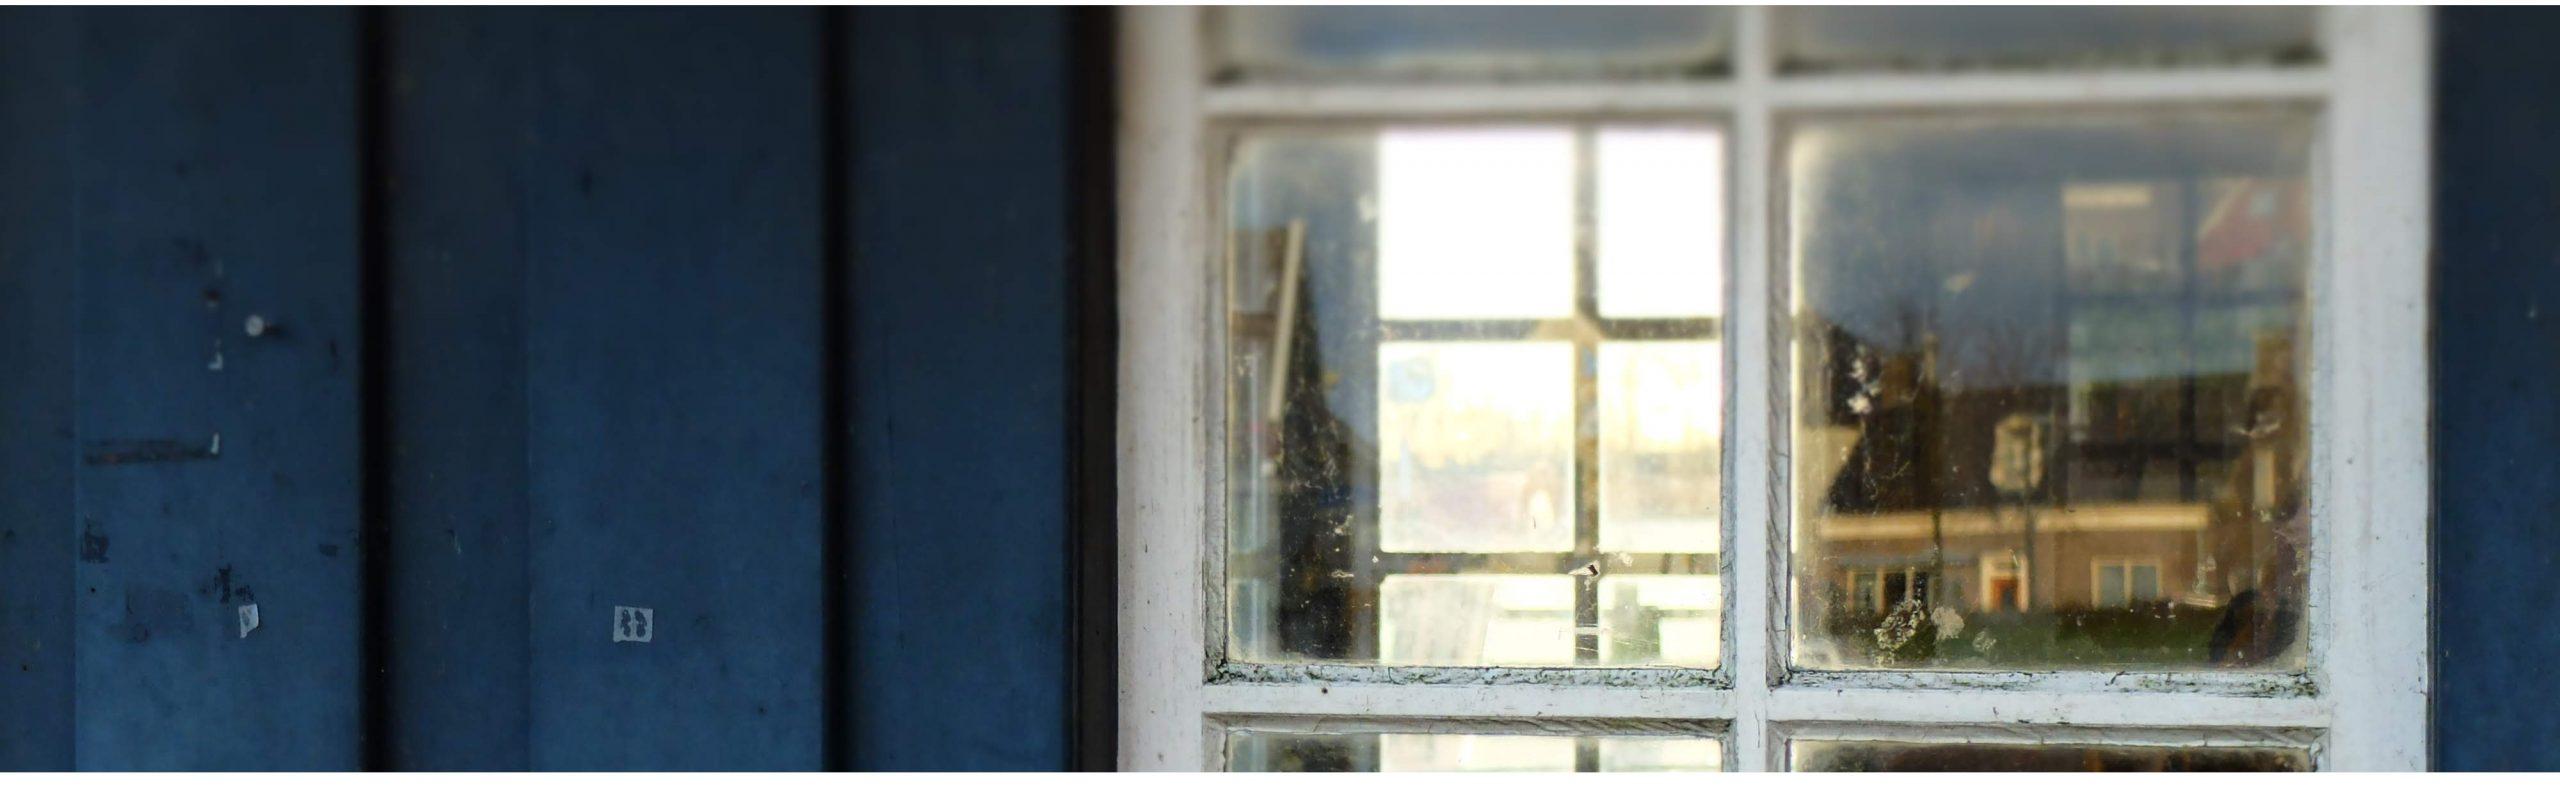 Blick durch ein weißes Fenster in einer blauen Holzfassade in das Innere eines Esszimmers